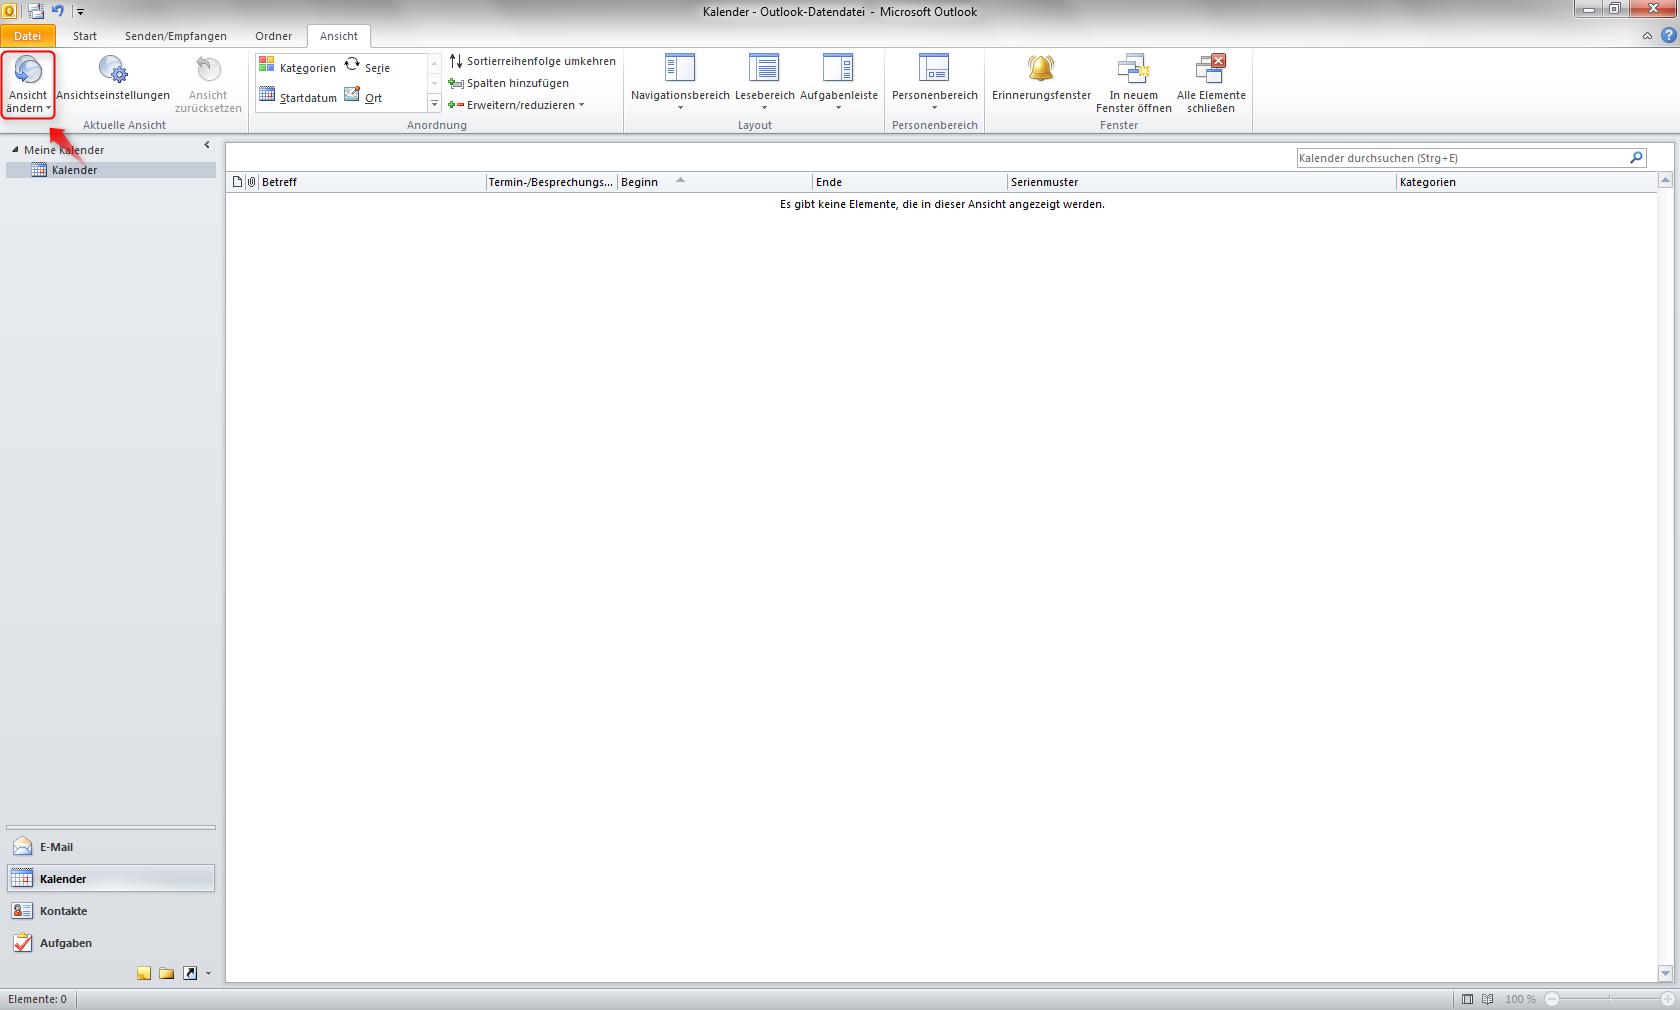 07-Outlook-2010-Kalendereintraege-entfernen-Ansicht-aendern-470.png?nocache=1312379596932